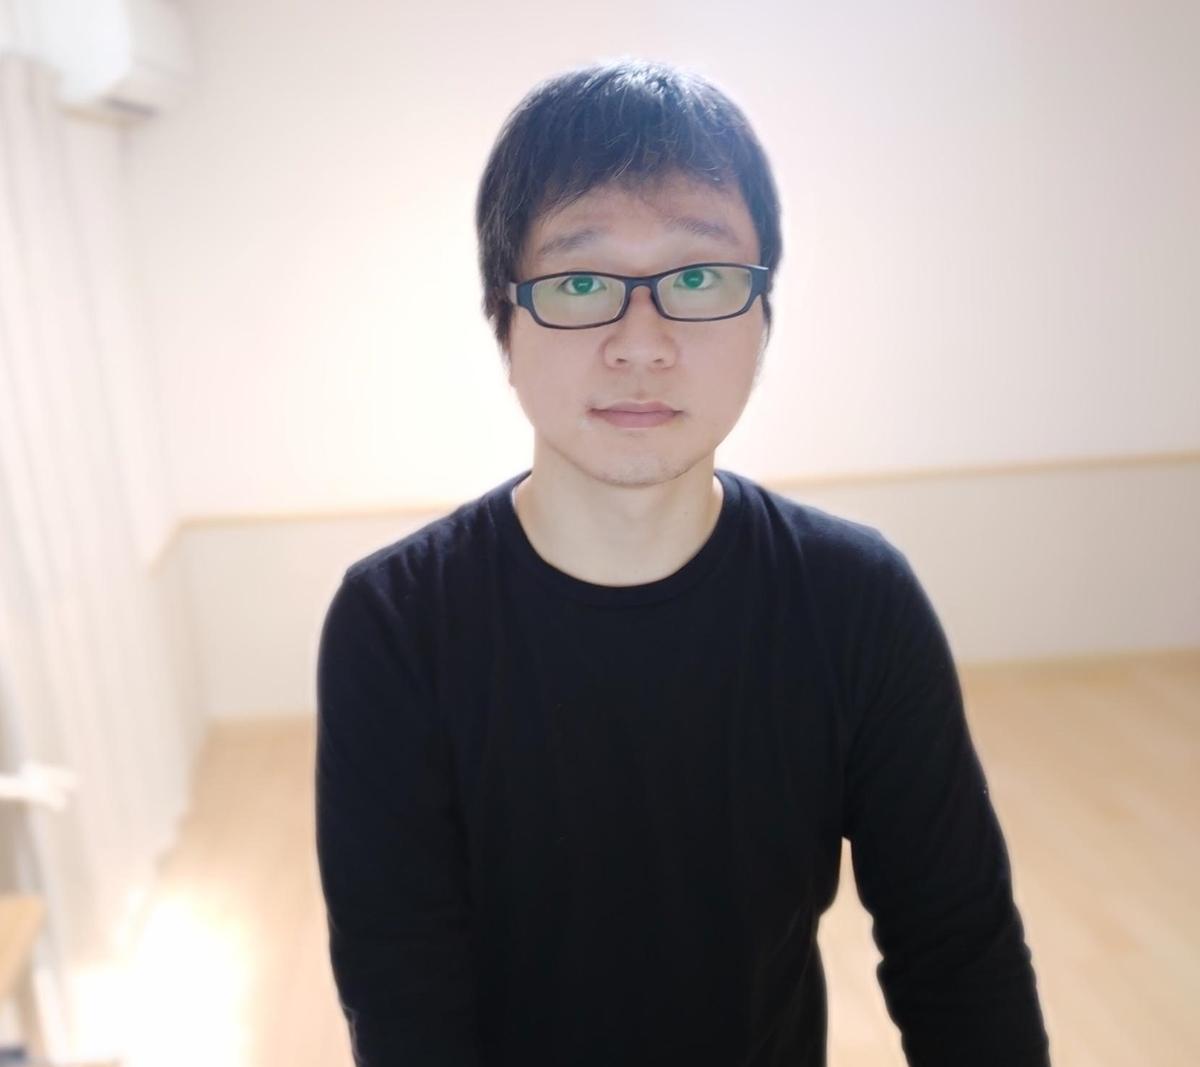 f:id:yoshitomotomo:20201017070443j:plain:w400